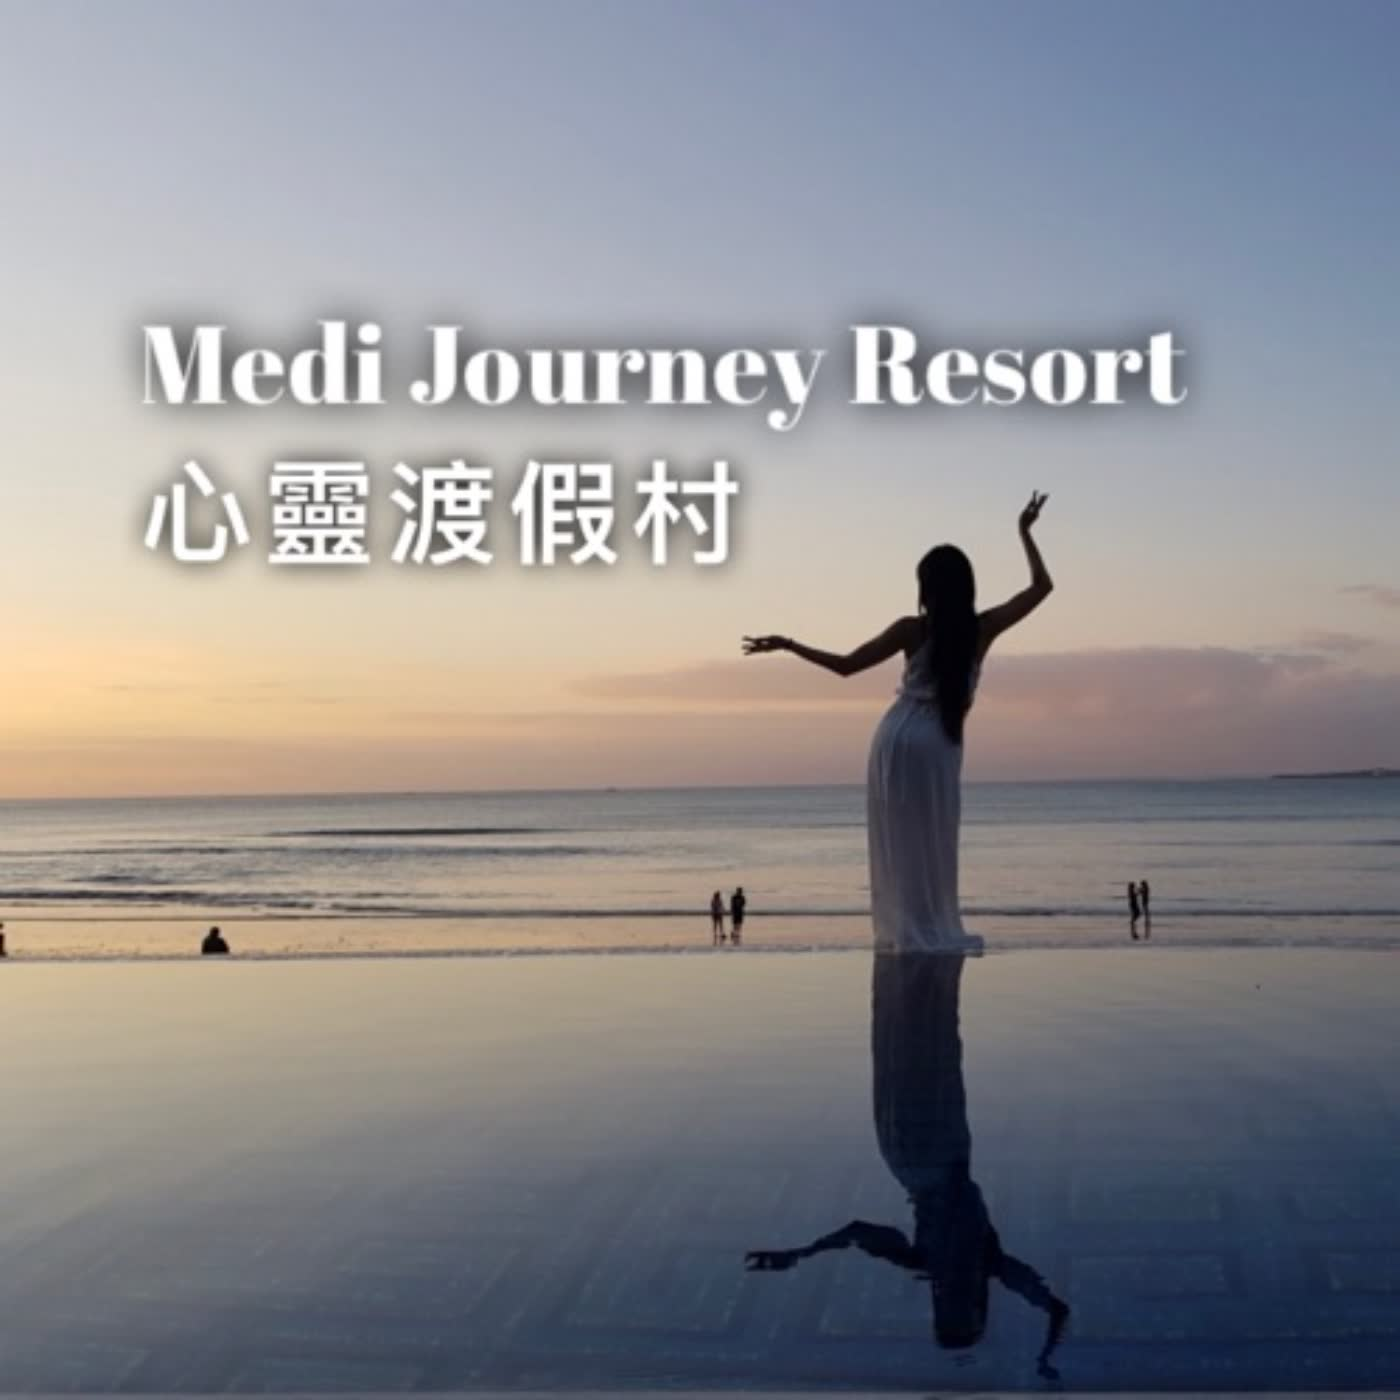 Medi Journey Resort 心靈渡假村